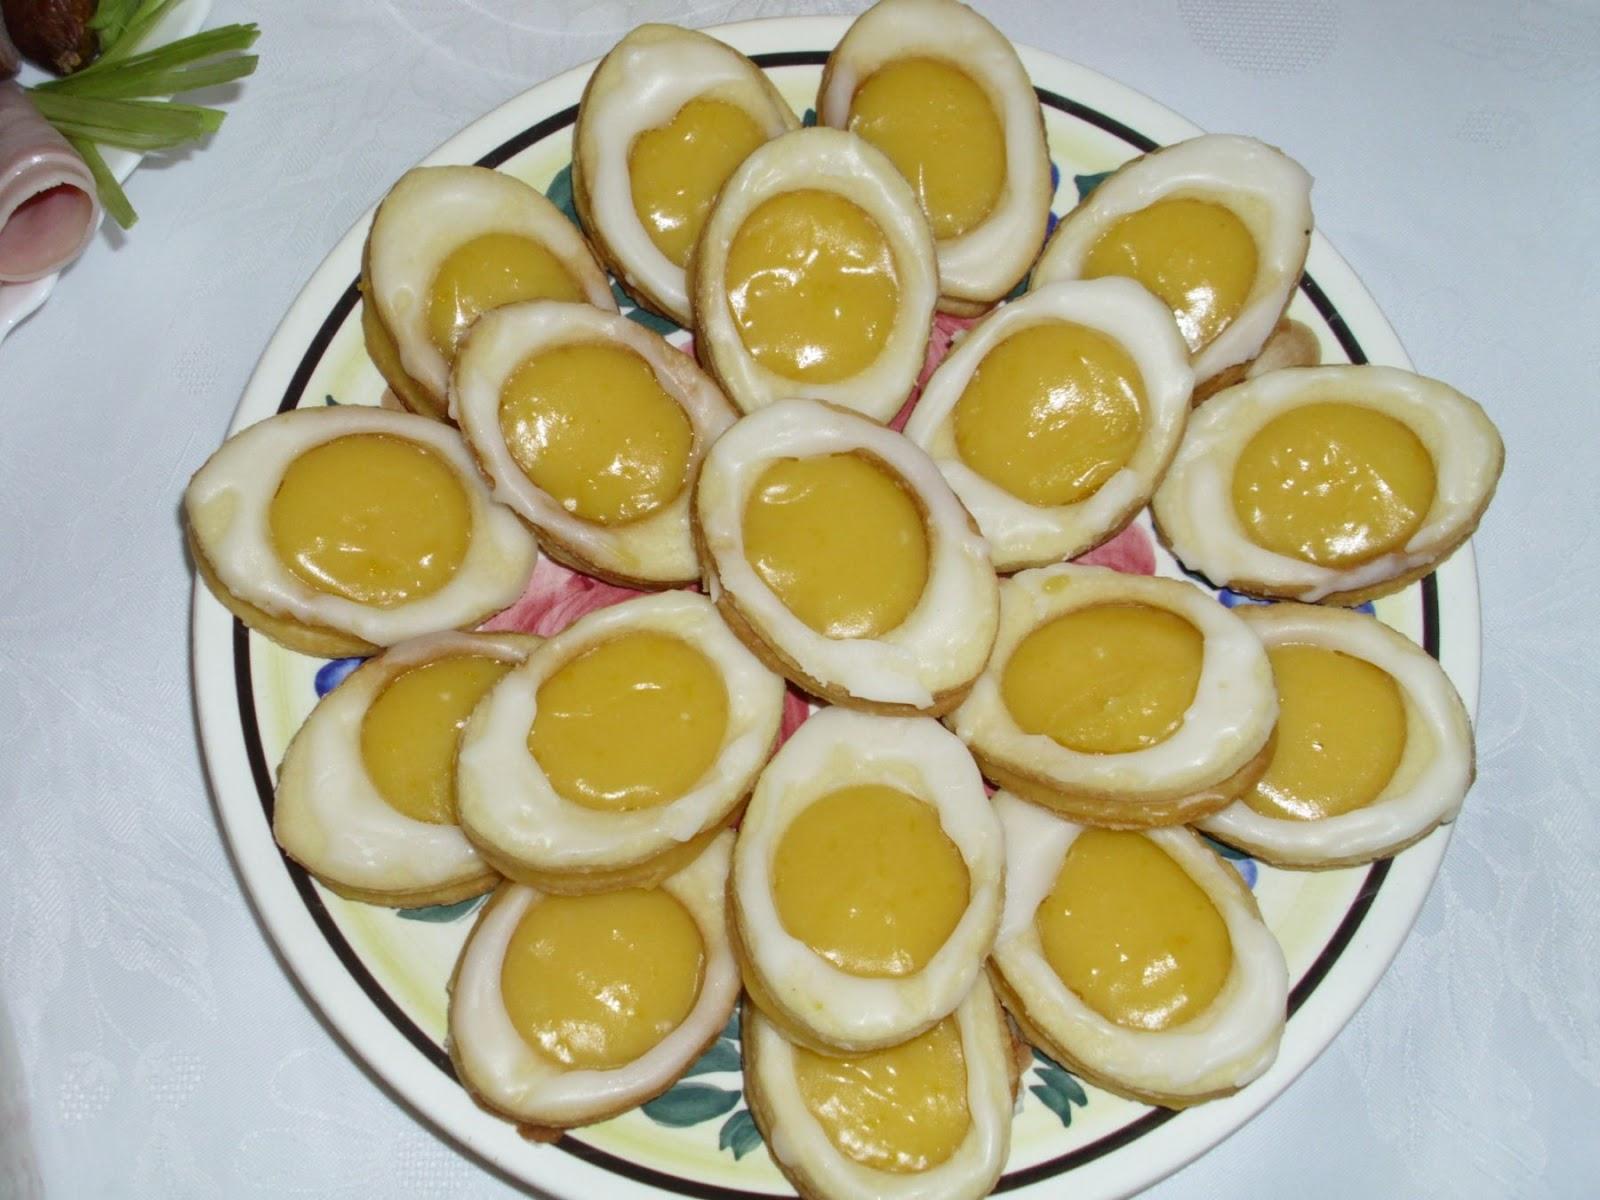 Moja Kuchnia Pachnaca Barszczem Wielkanocne Ciasteczka Jak Jajeczka